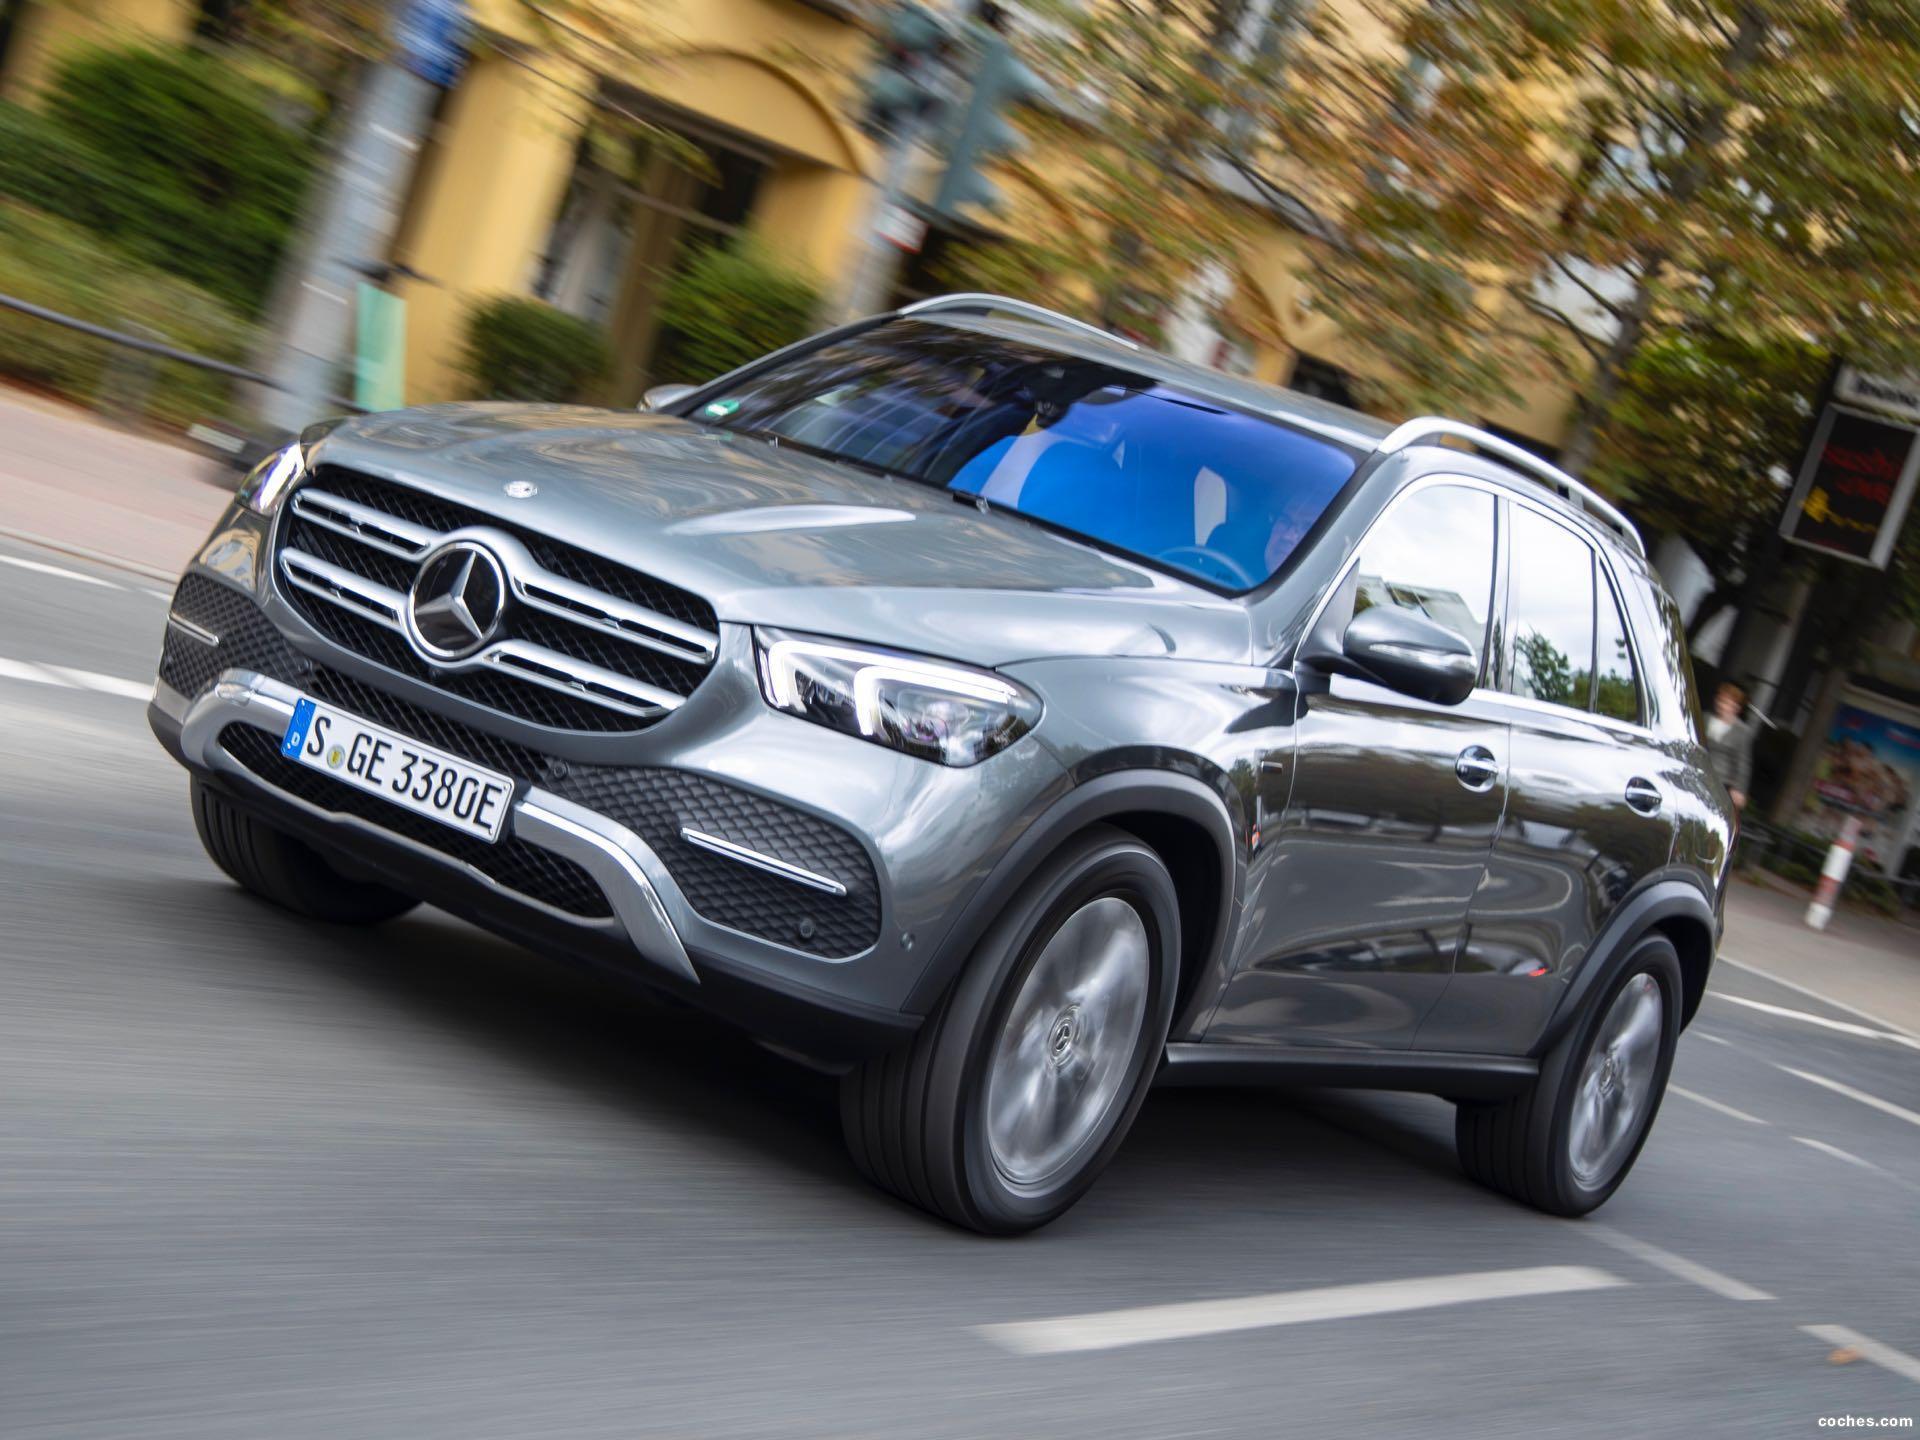 Foto 1 de Mercedes GLE 350 de 4MATIC (V167) 2019